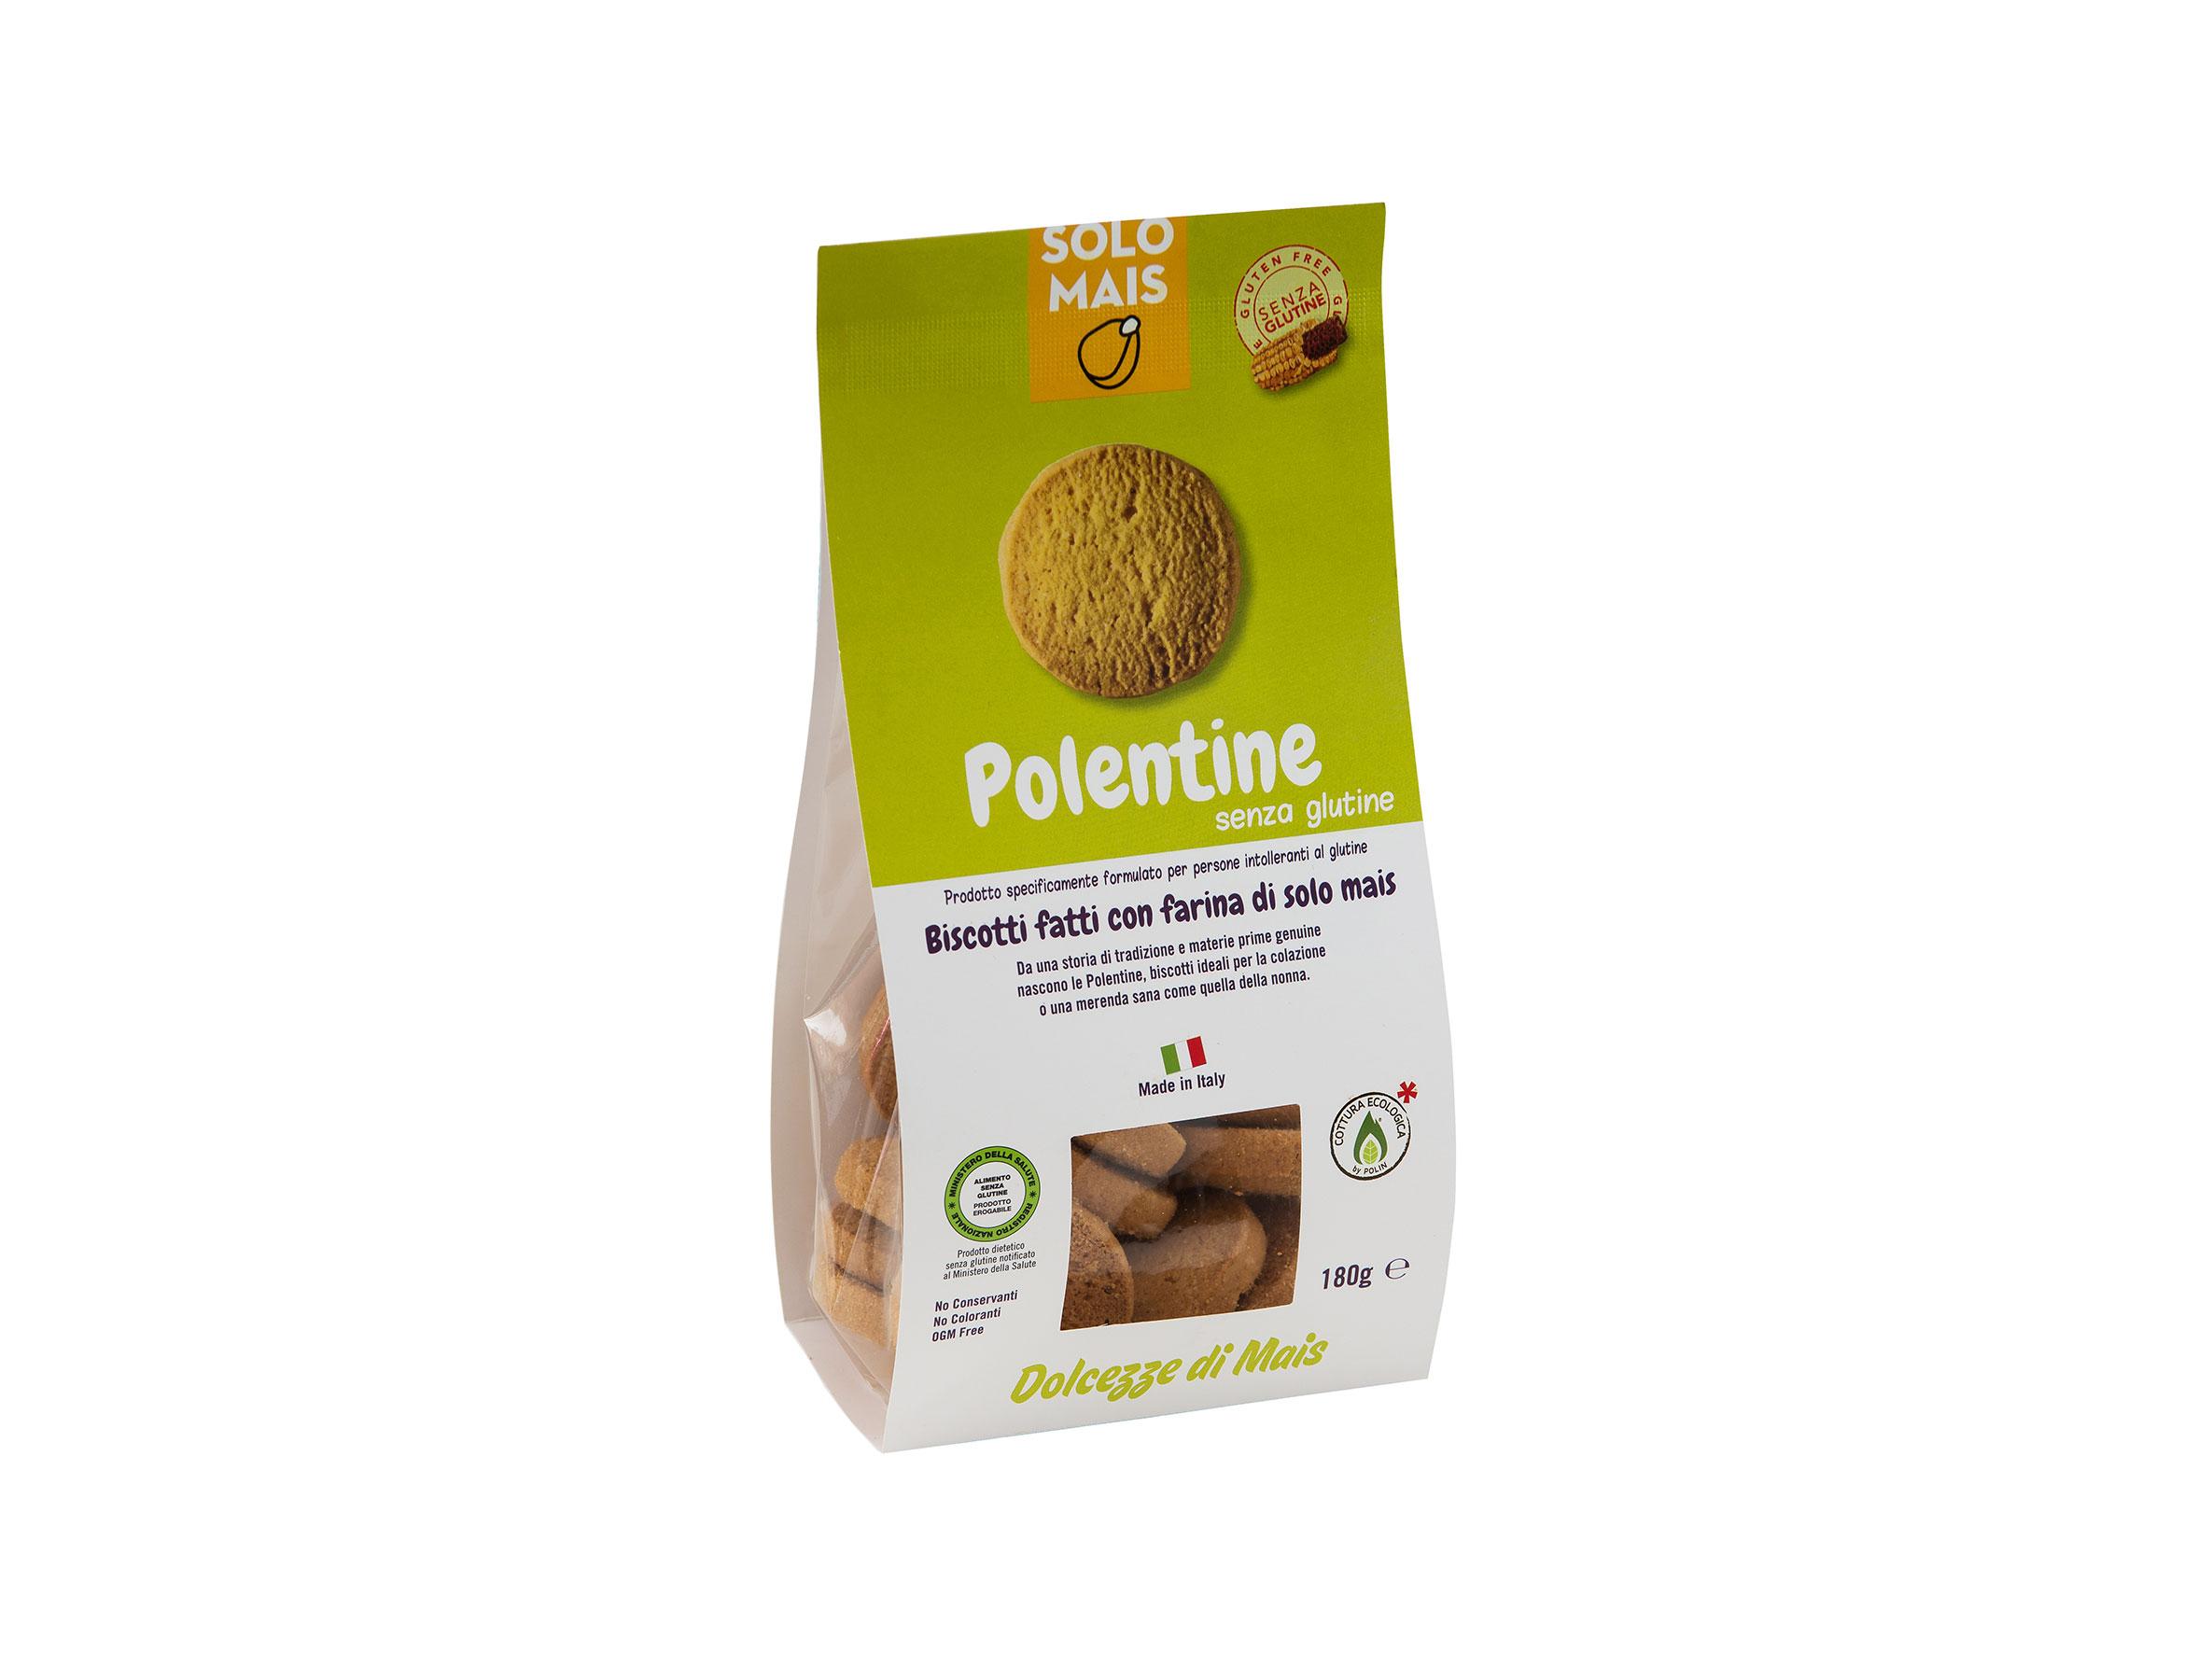 Polentine biscotti gluten free farina di mais